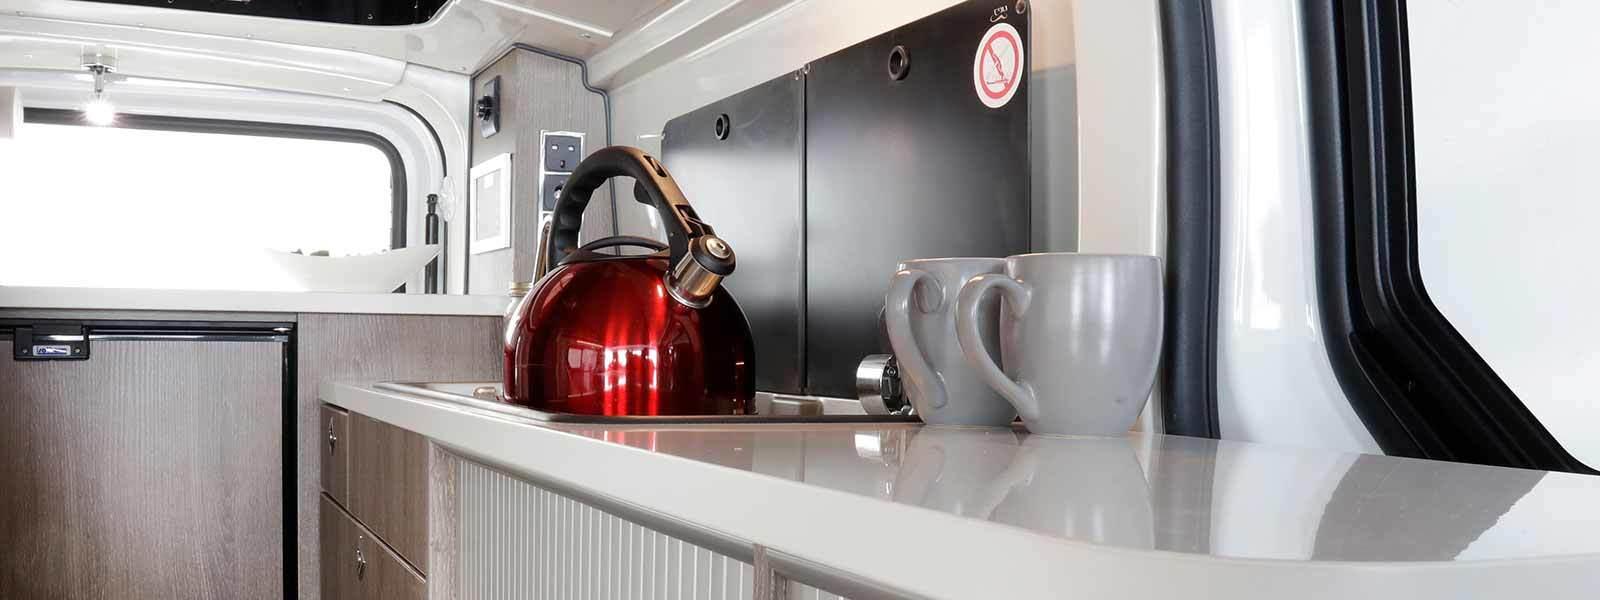 R535 Kitchen